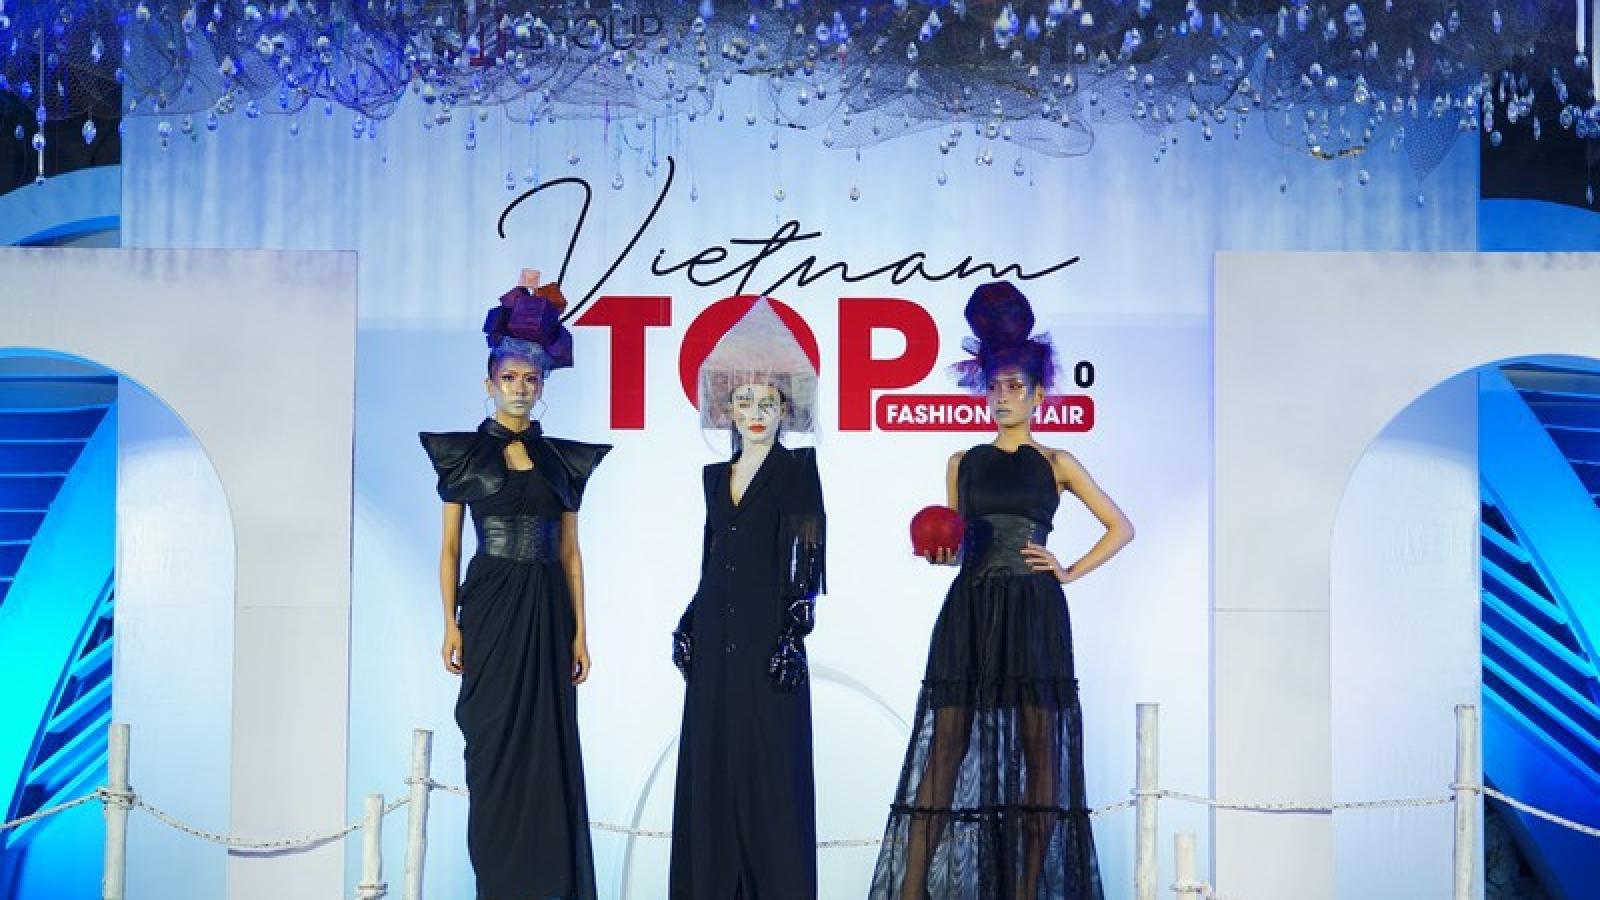 """Cuộc thi thời trang-tóc công bố giải thưởng """"khủng"""" lên đến 1 tỷ đồng"""